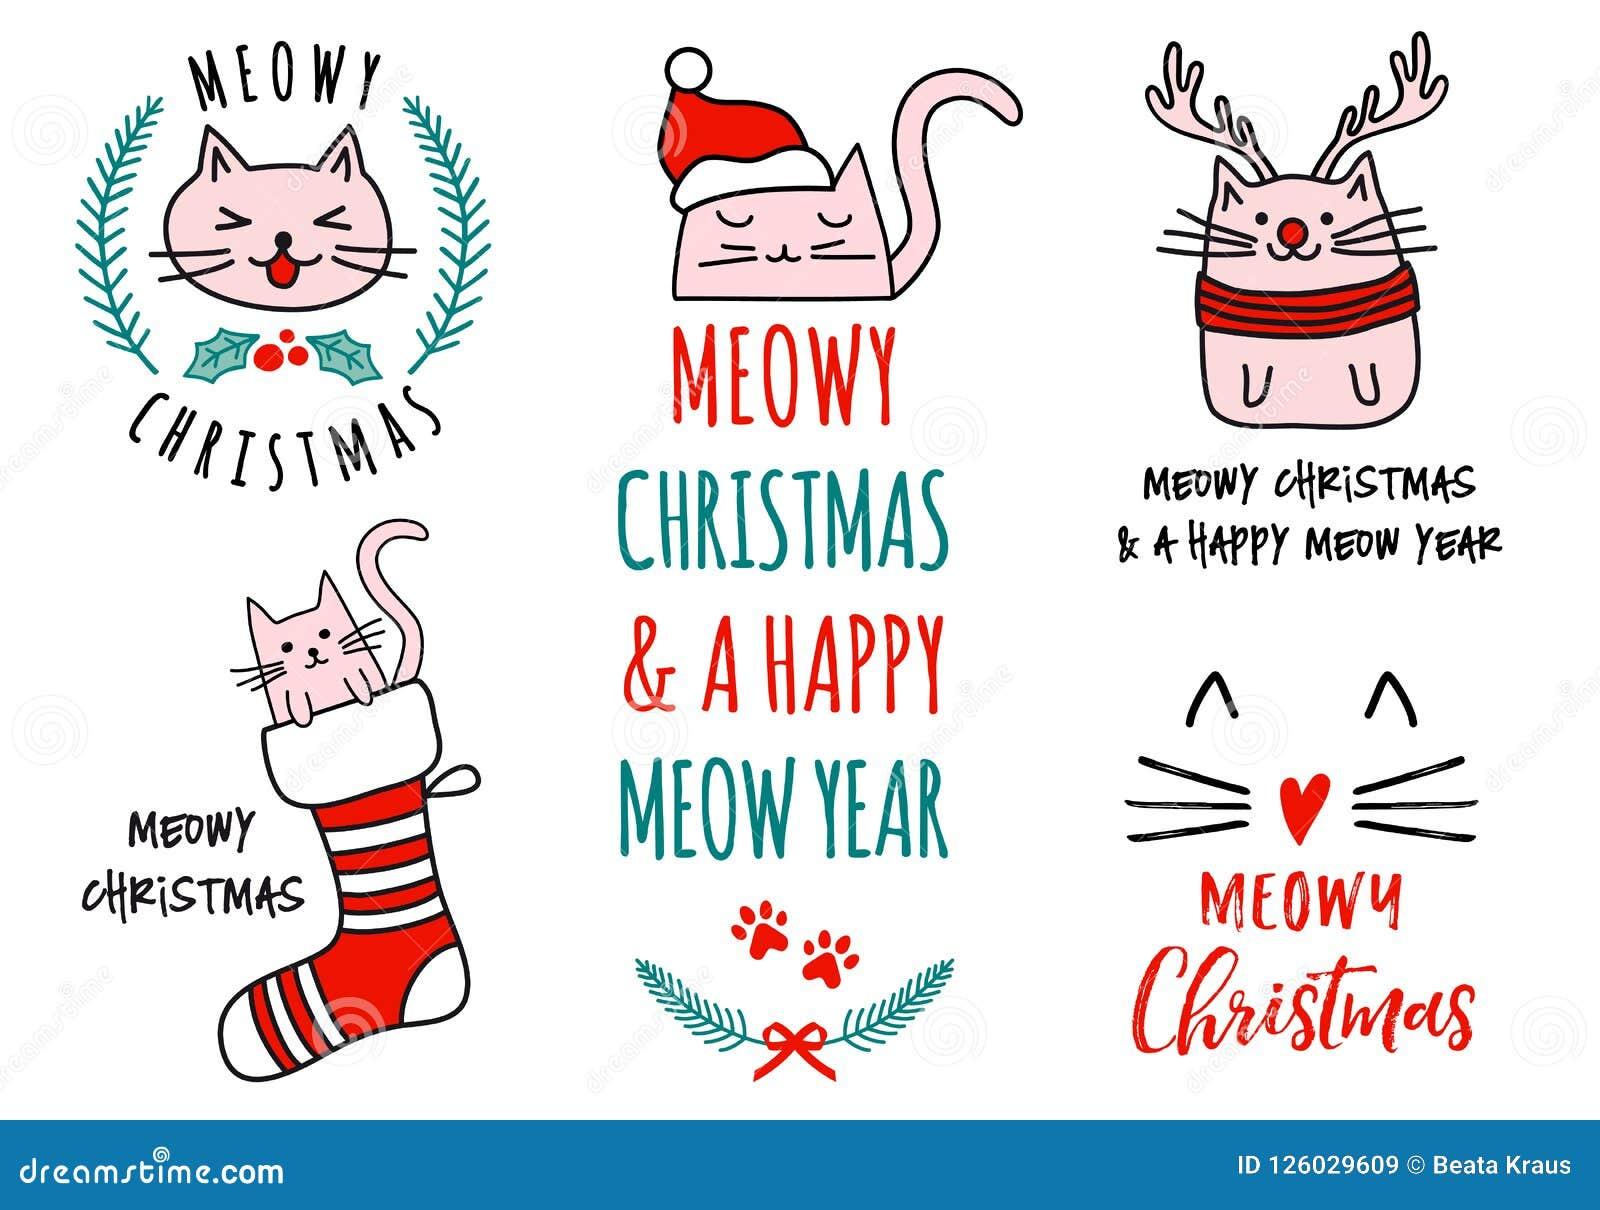 Meowykerstmis met leuke katten, vectorreeks